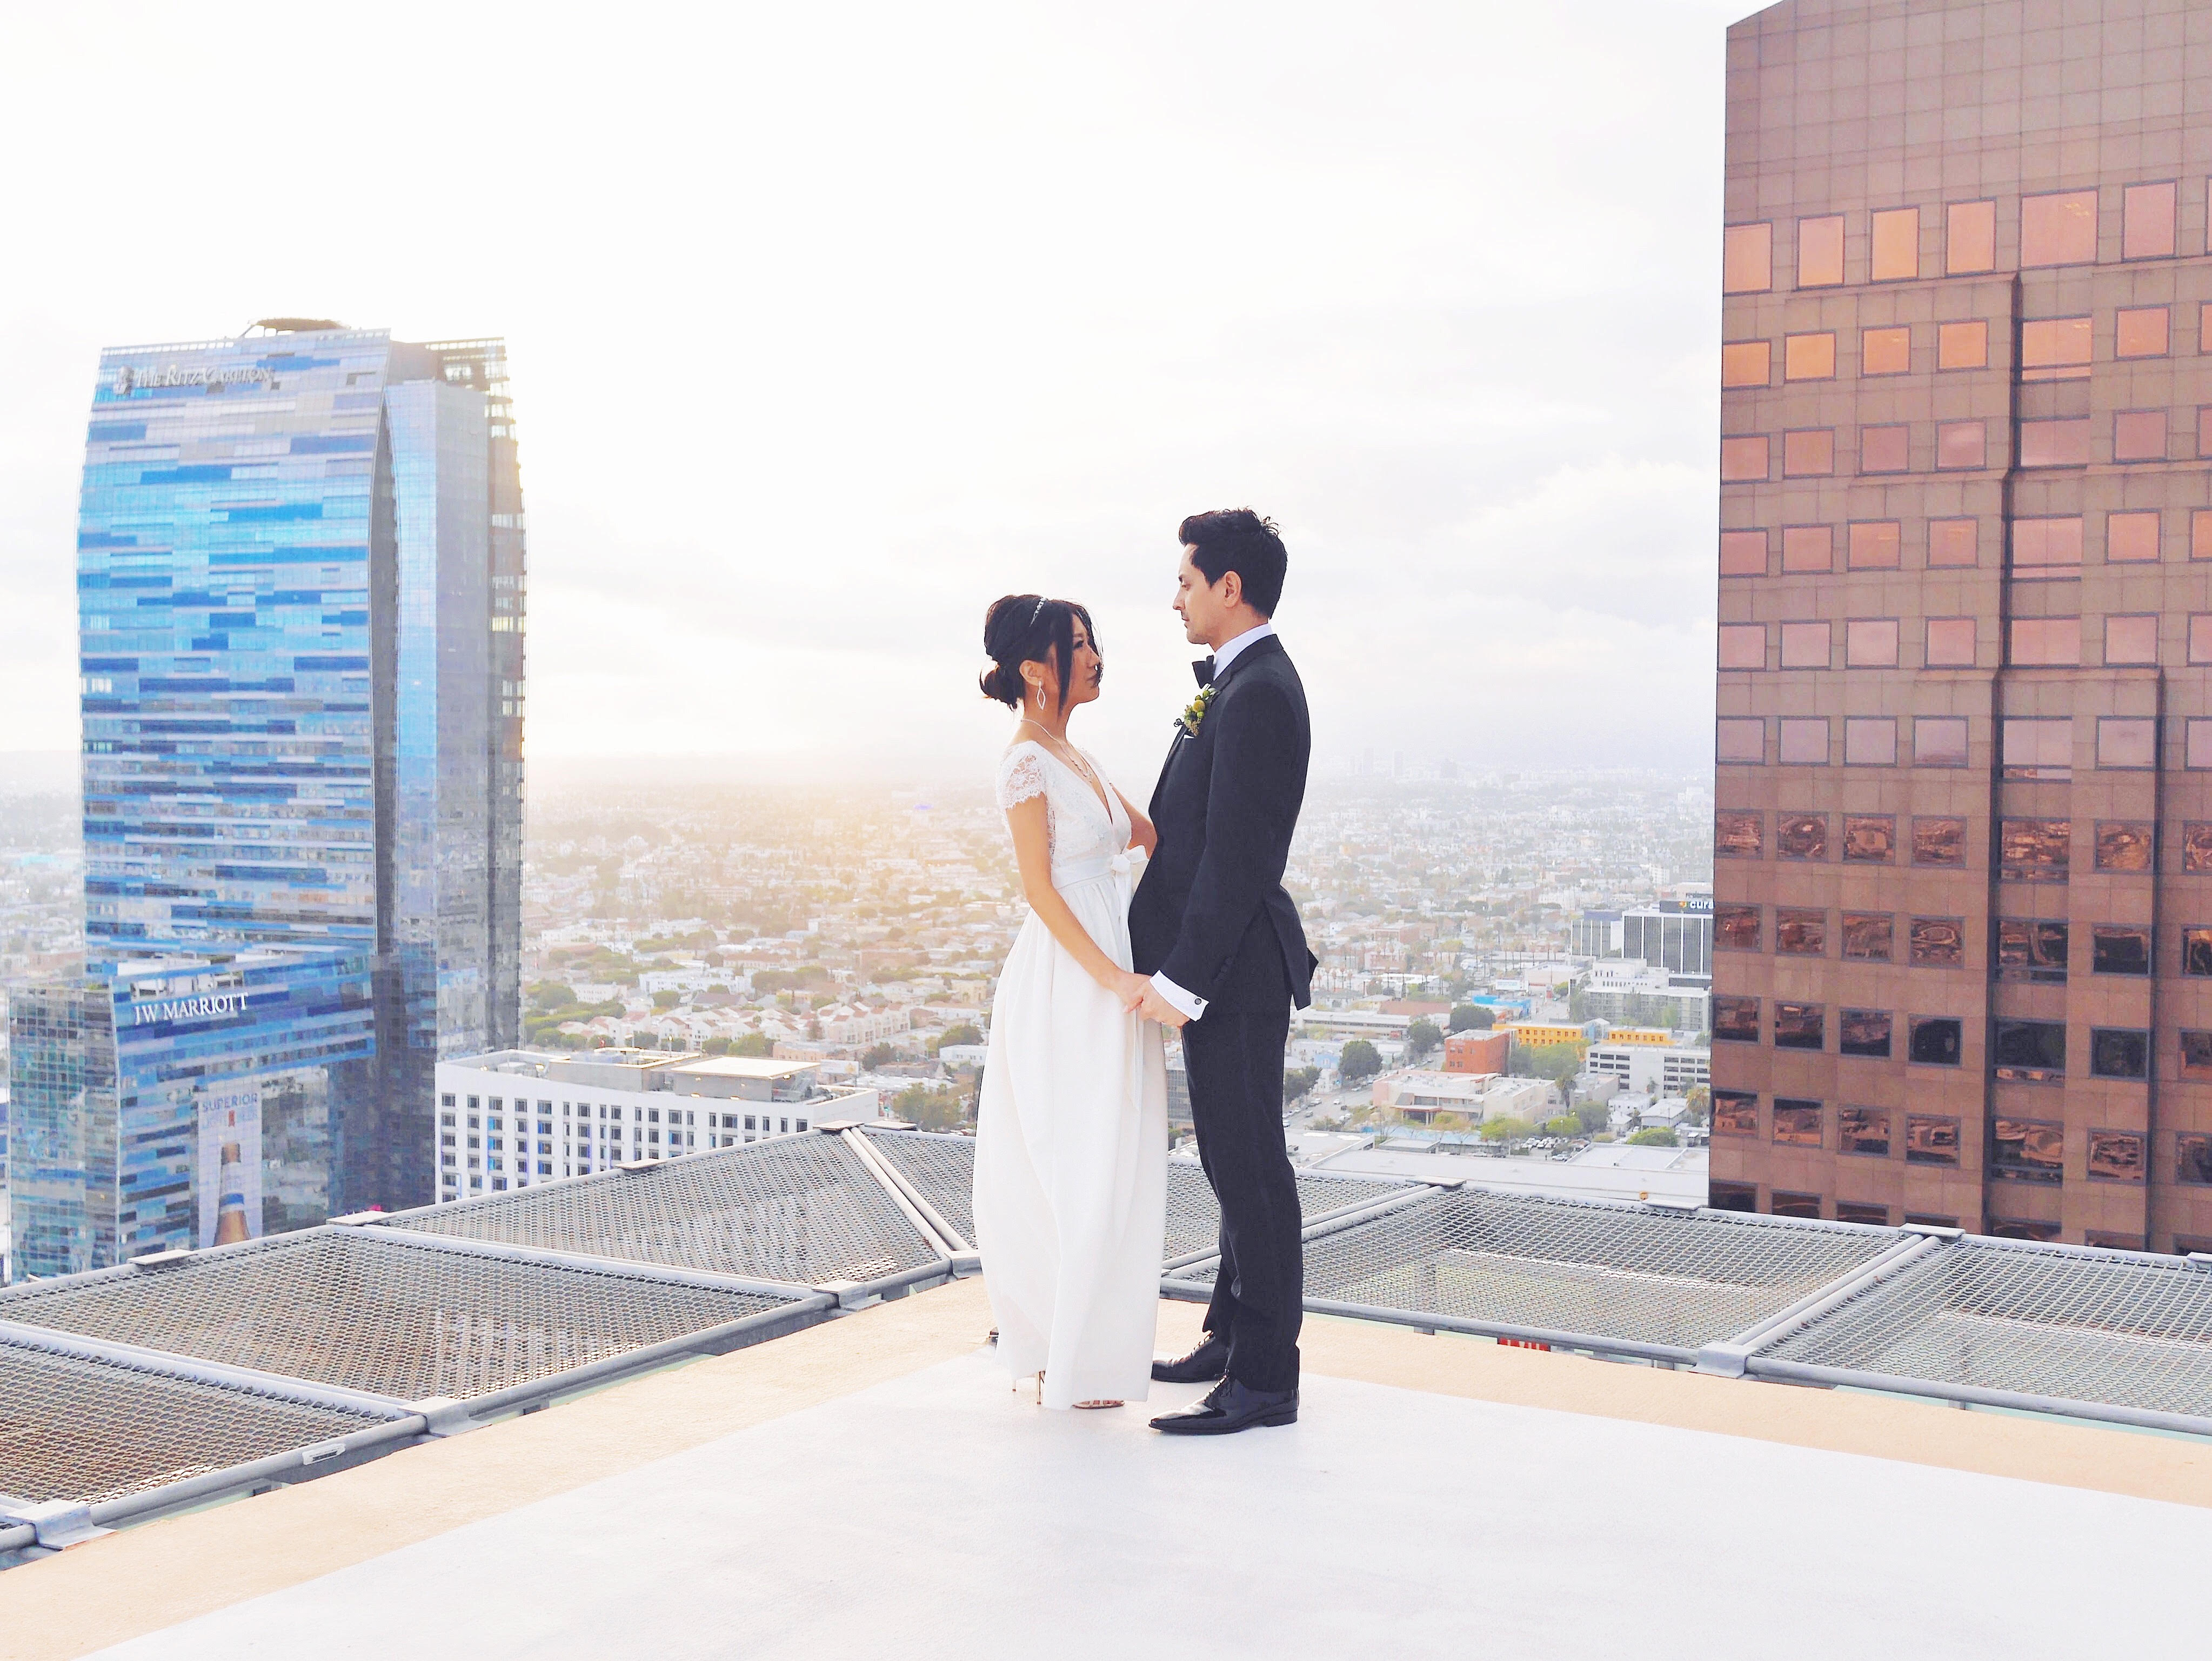 dtla, elopement, rooftop wedding, dtla wedding, dtla rooftop wedding, bhldn, bhldn wedding dress, jilll stuart wedding dress, jenny yoo, jenny yoo wedding dress